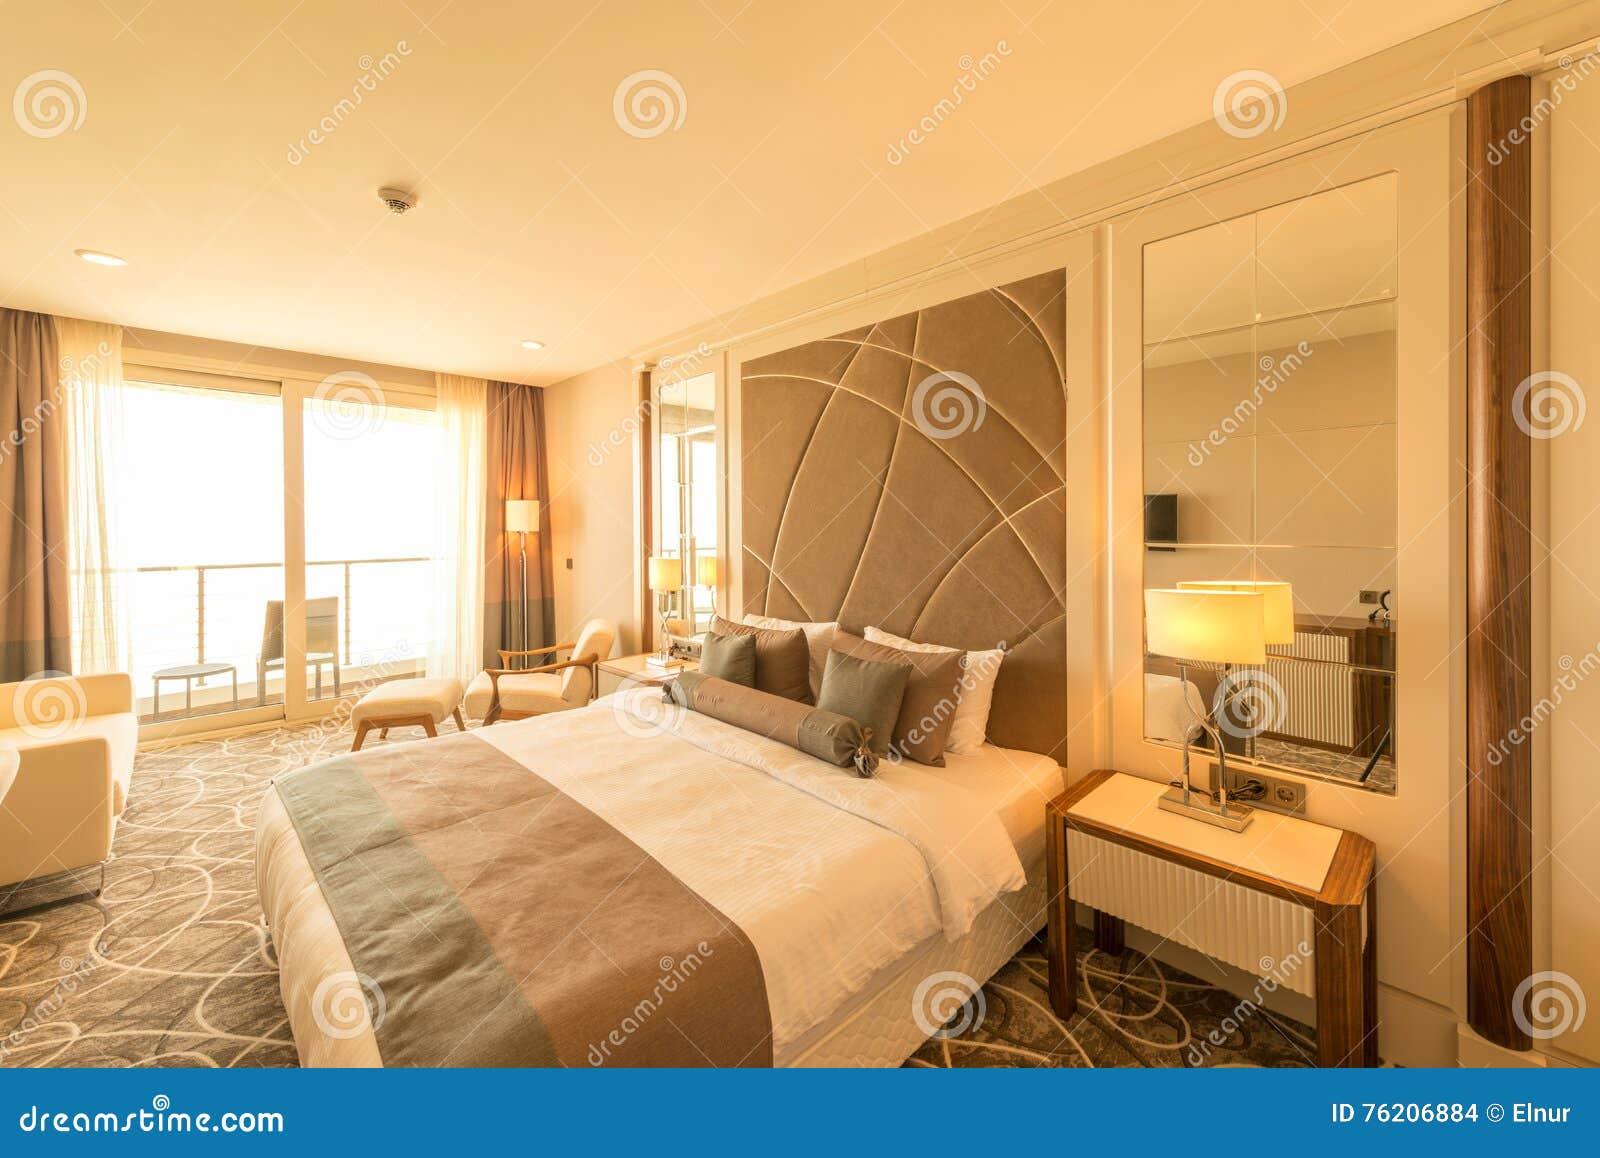 Το σύγχρονο δωμάτιο ξενοδοχείου με το μεγάλο κρεβάτι